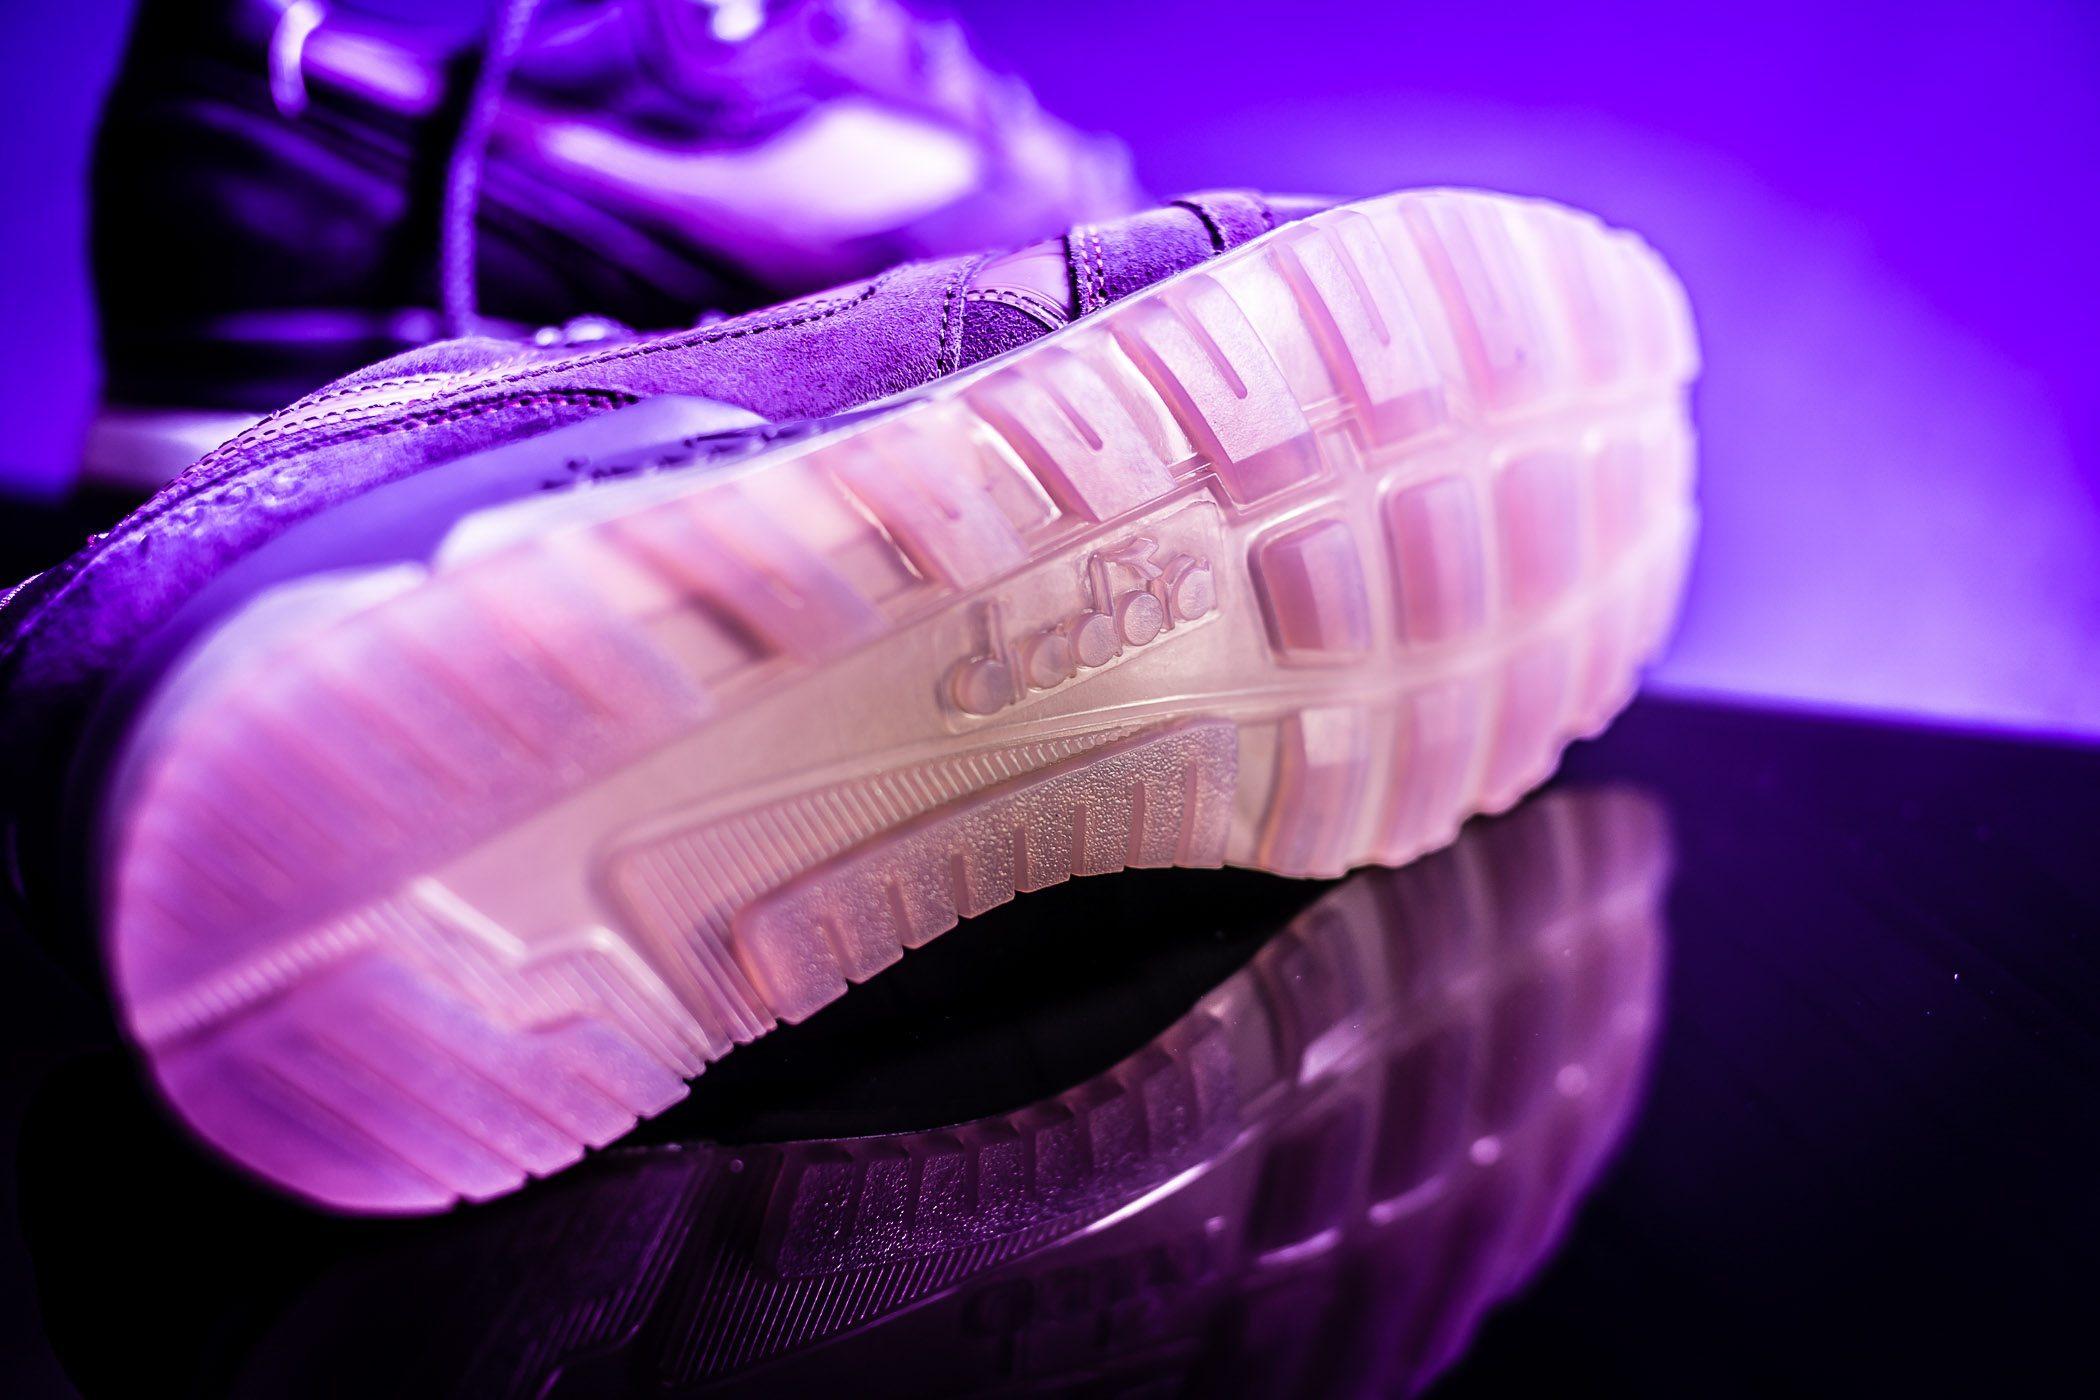 Packer Shoes x Raekwon x Diadora N9000 Purple Tape 8